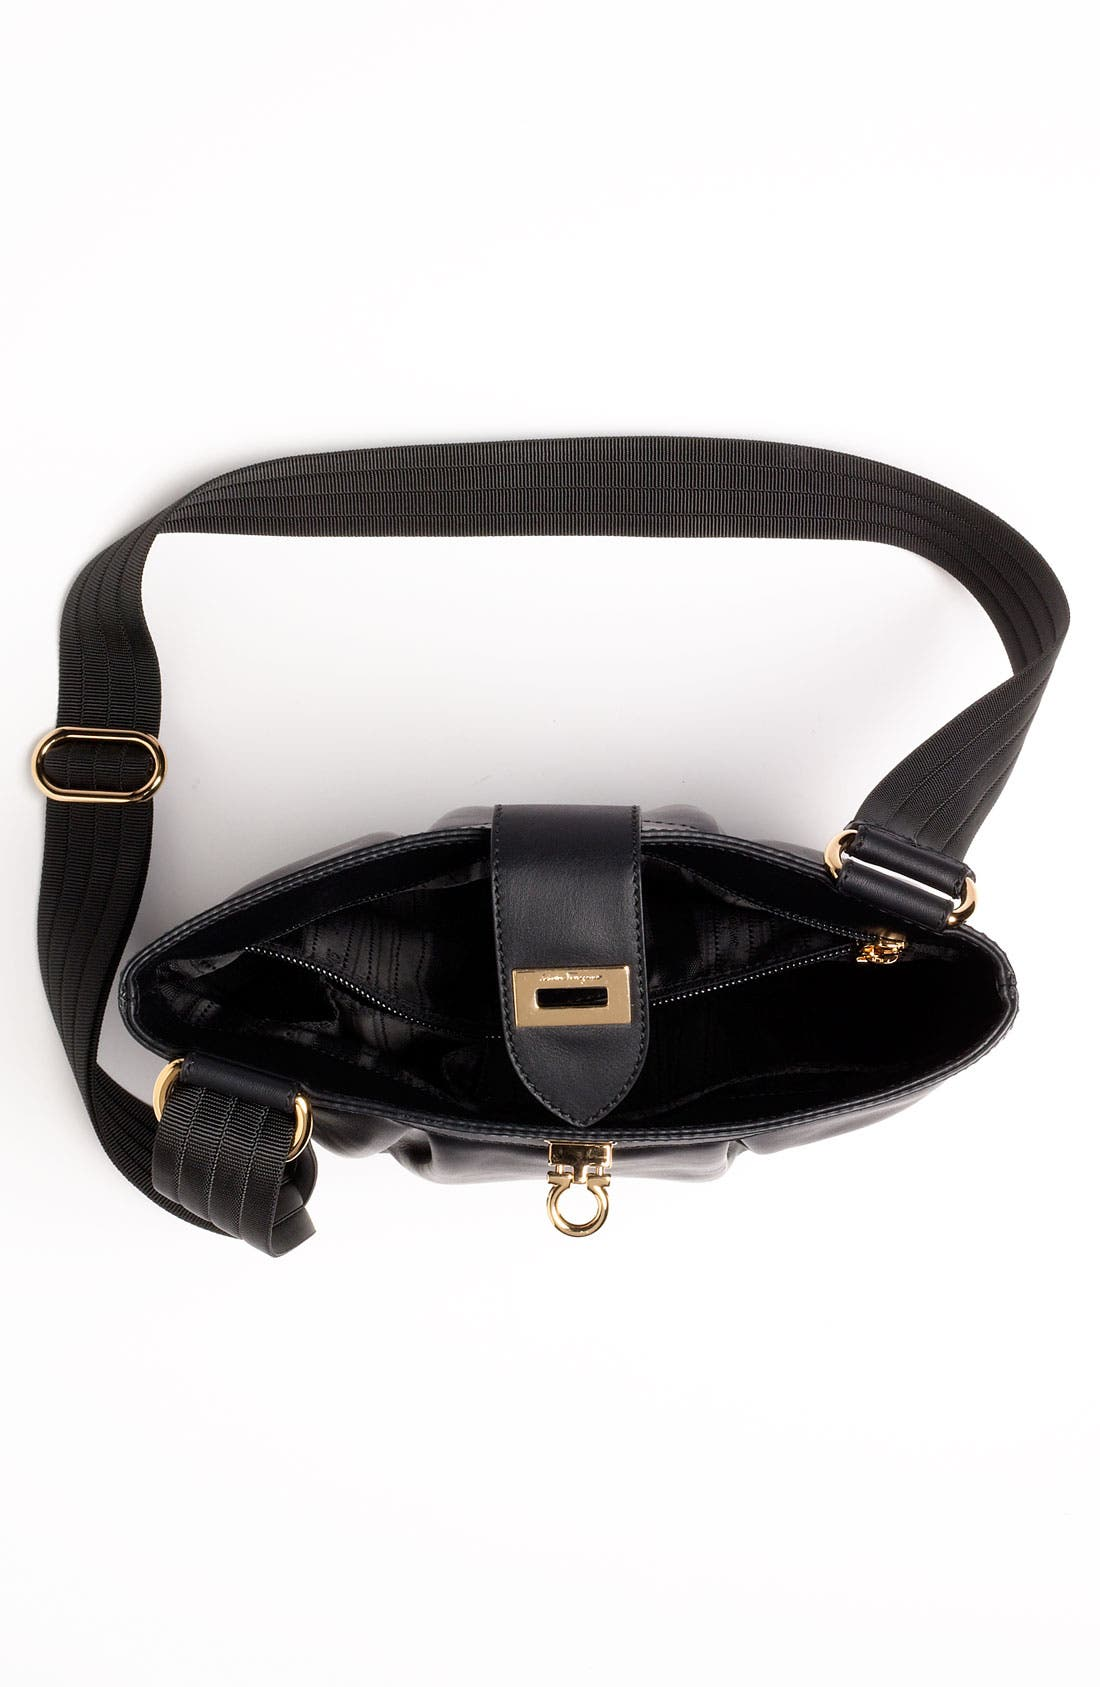 Alternate Image 3  - Salvatore Ferragamo 'Graziella' Leather Crossbody Bag